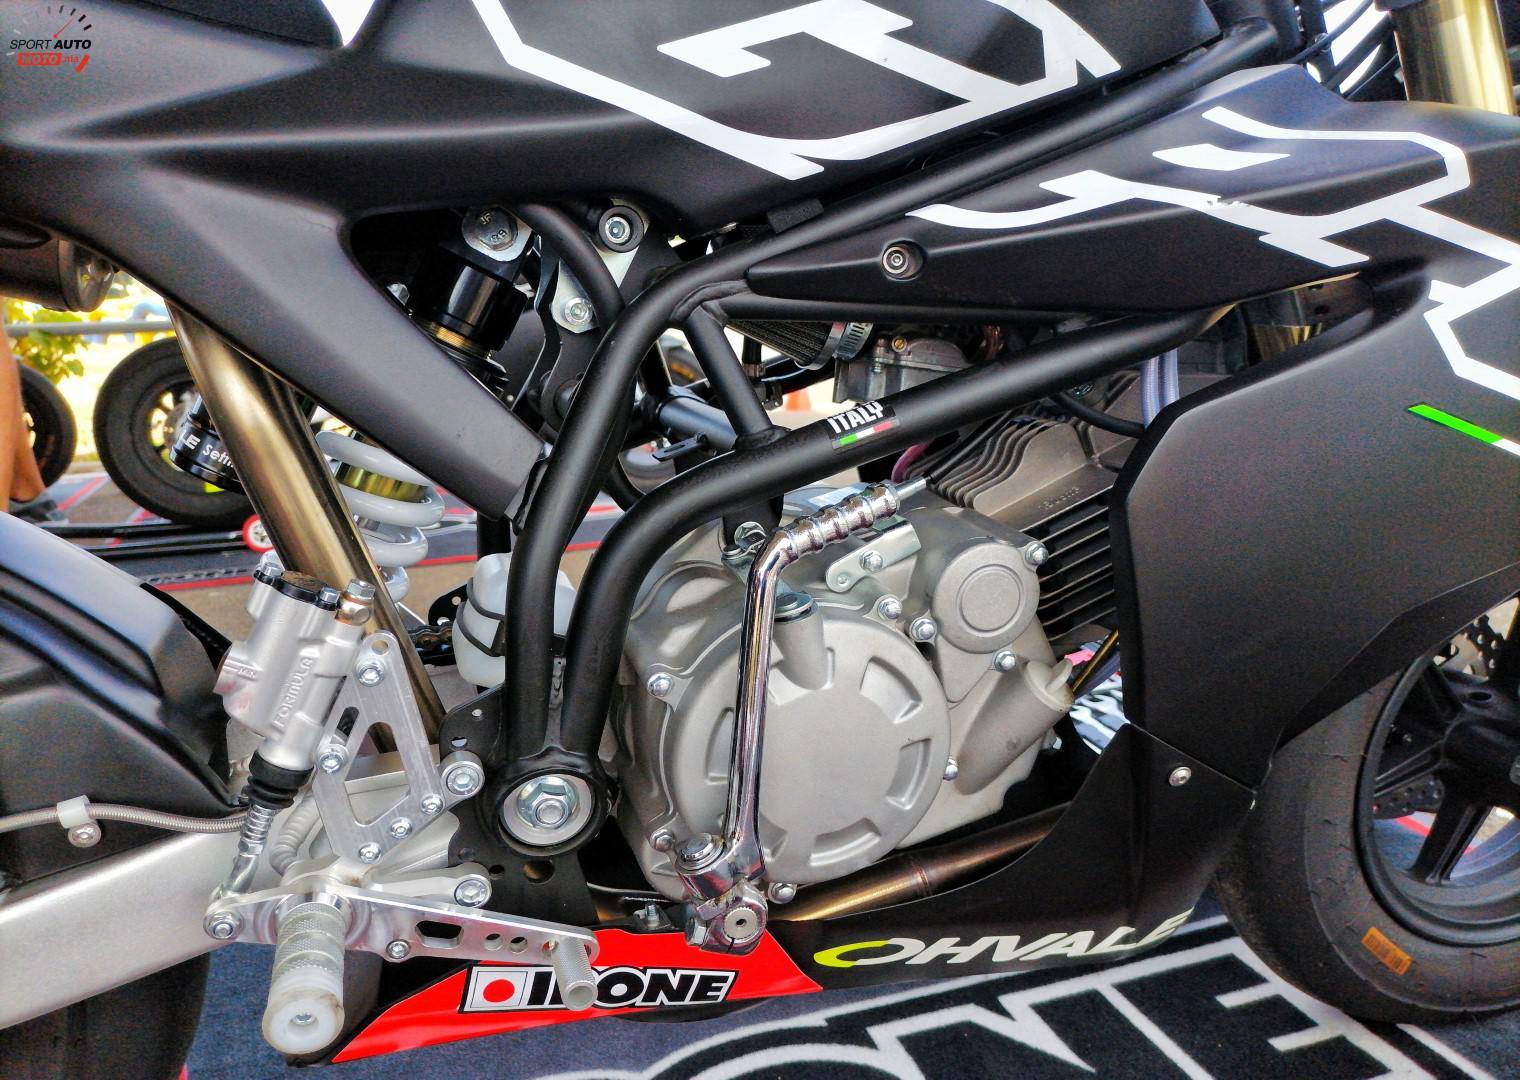 la-marque-de-moto-de-competition-ohvale-officiellement-au-maroc-1316-6.jpg